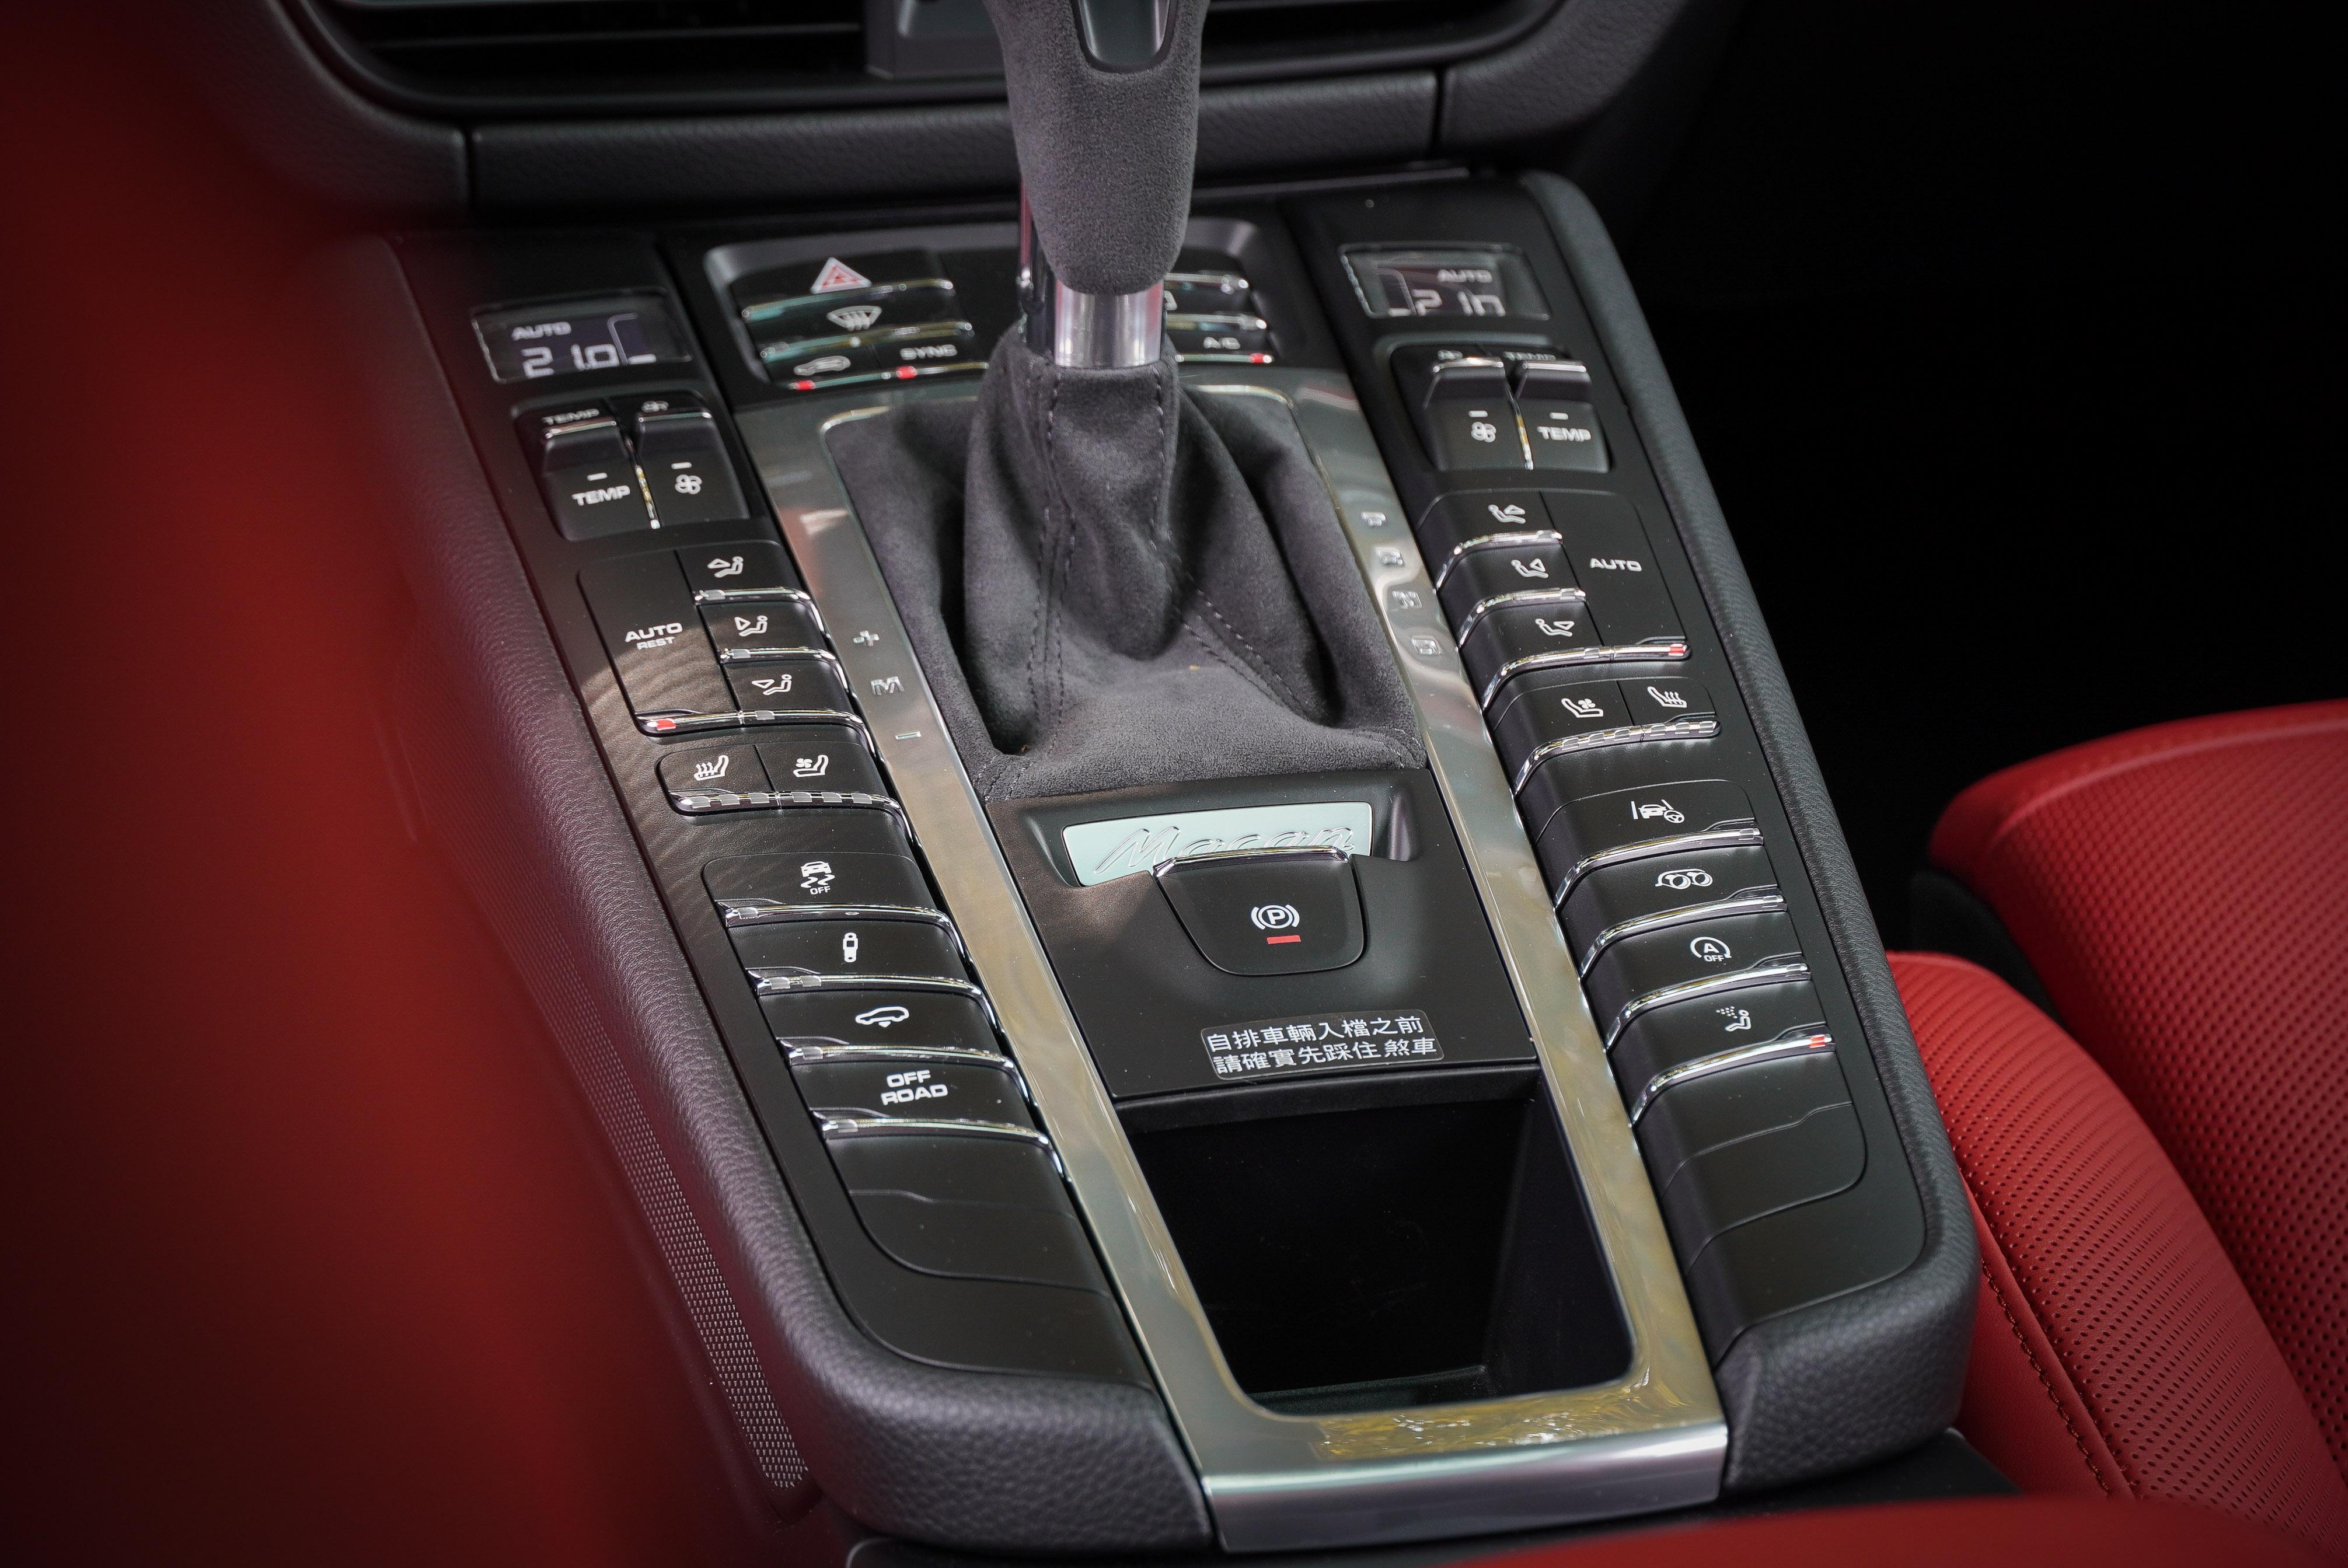 若要把中央鞍座處按鈕全部填滿,可是要準備不少選配金。